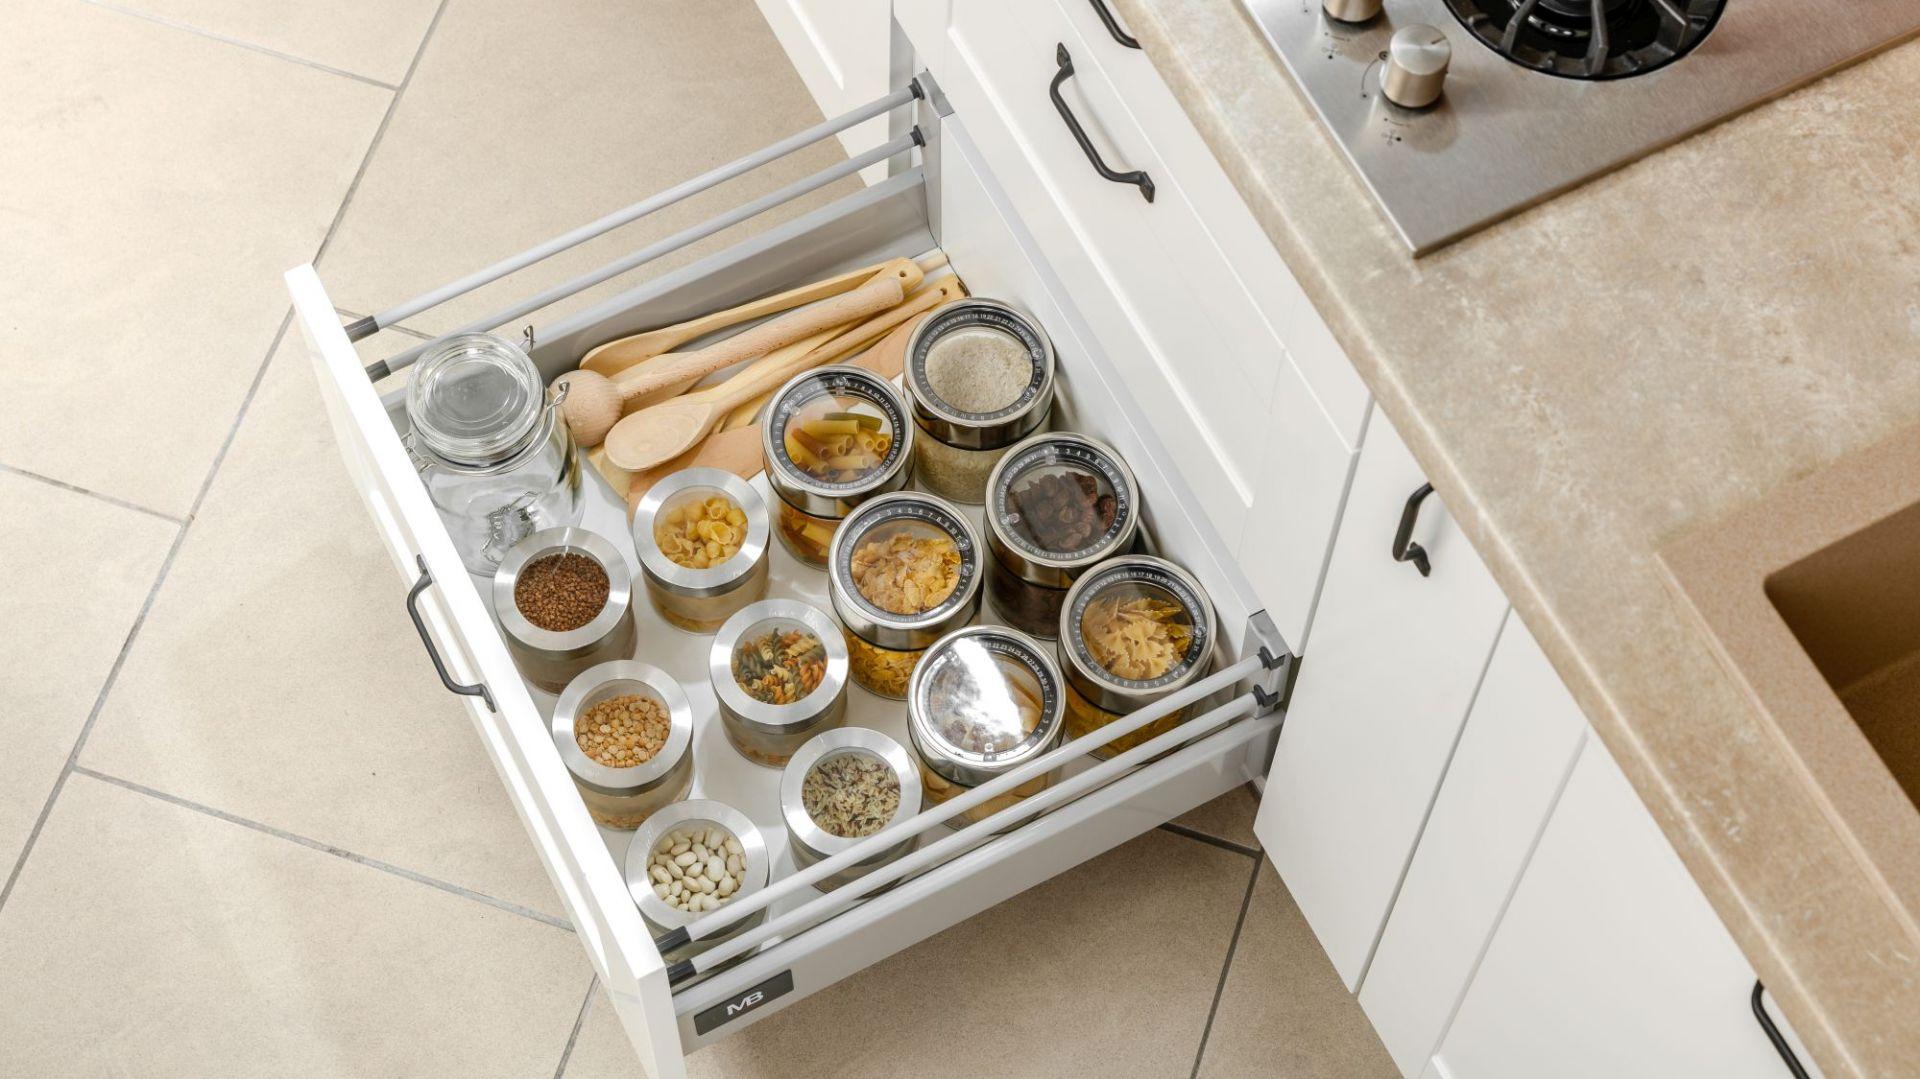 Pomysły na małą kuchnię - miejsca do przechowywania. Fot. GTV